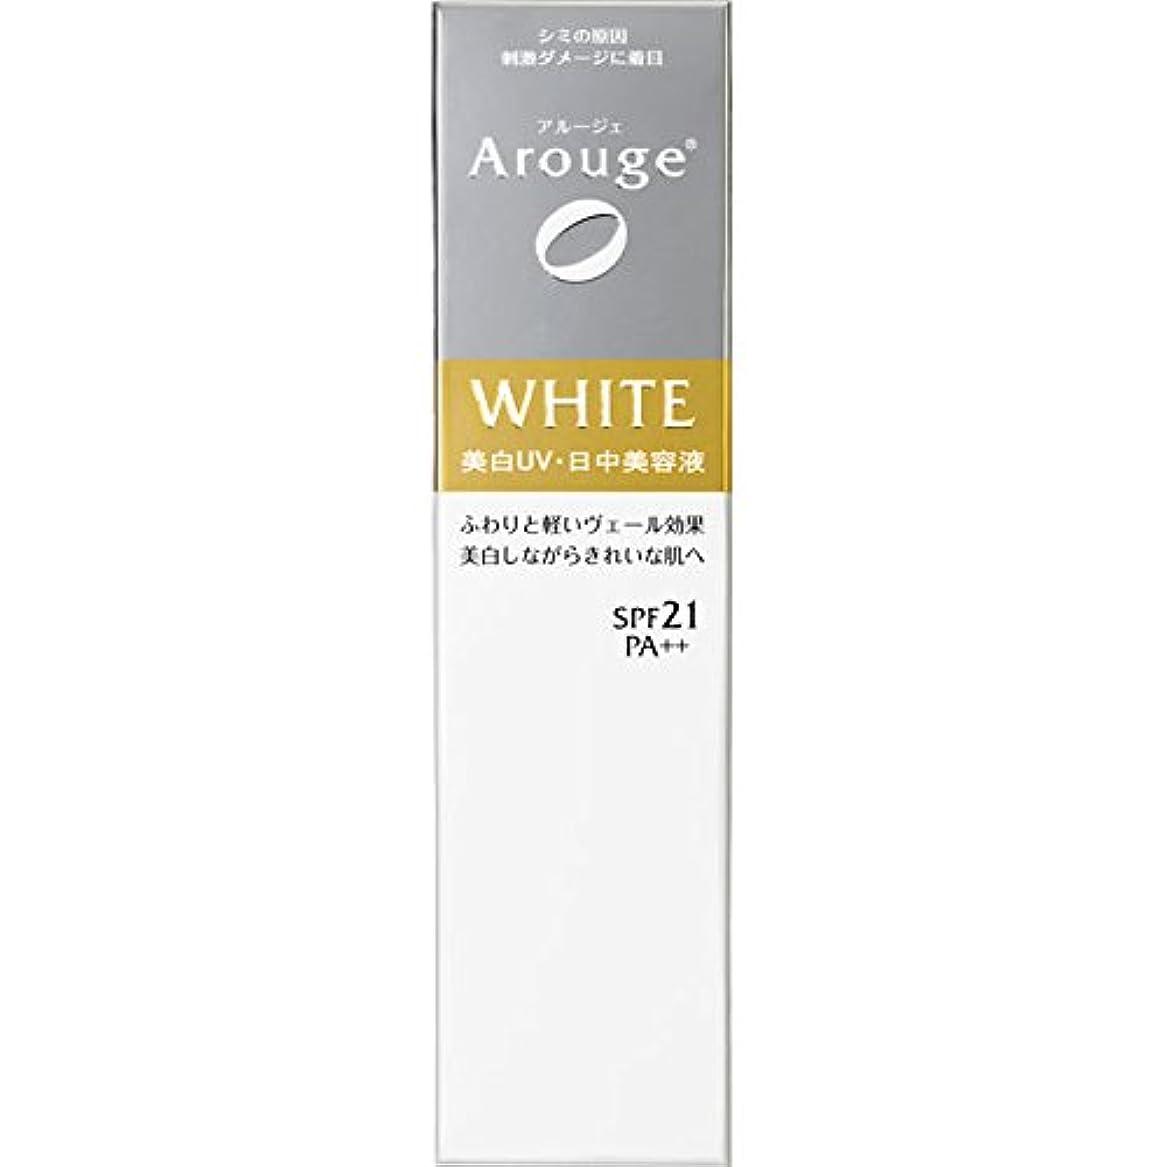 コマース道路困難アルージェ ホワイトニング UVデイエッセンス 30g (美白UV日中美容液)